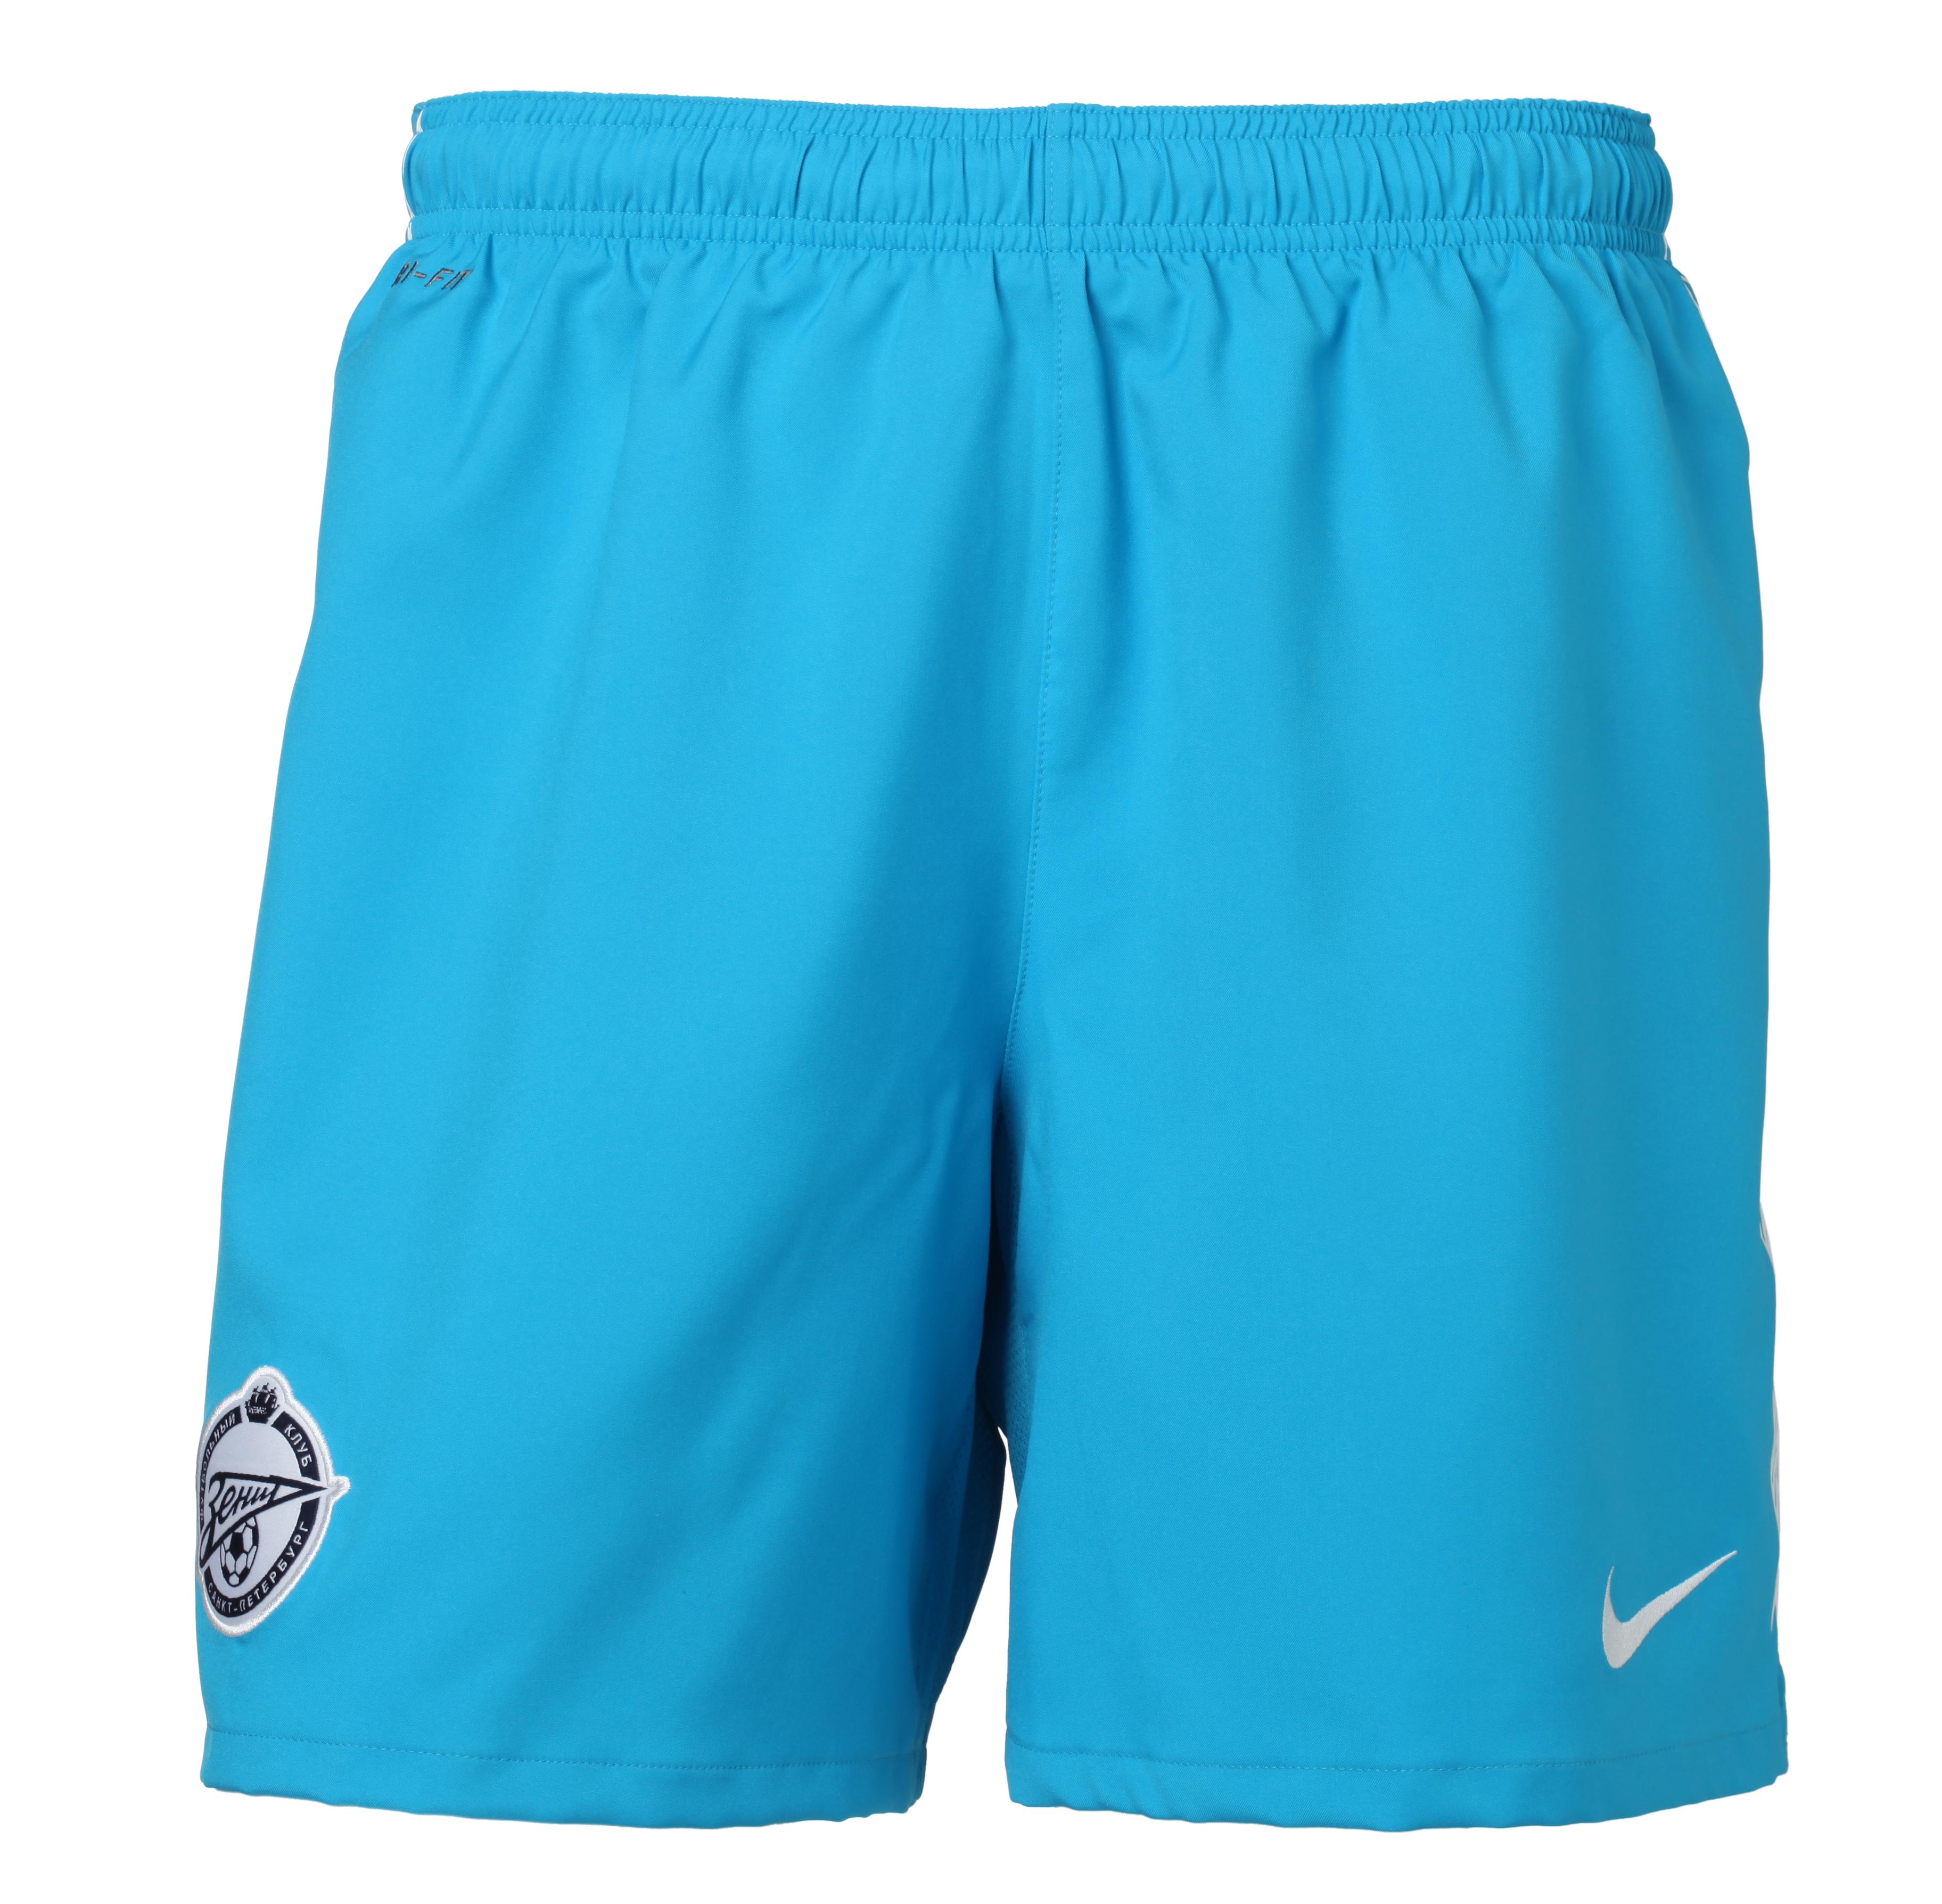 Шорты Nike, Цвет-Лазурный, Размер-XL